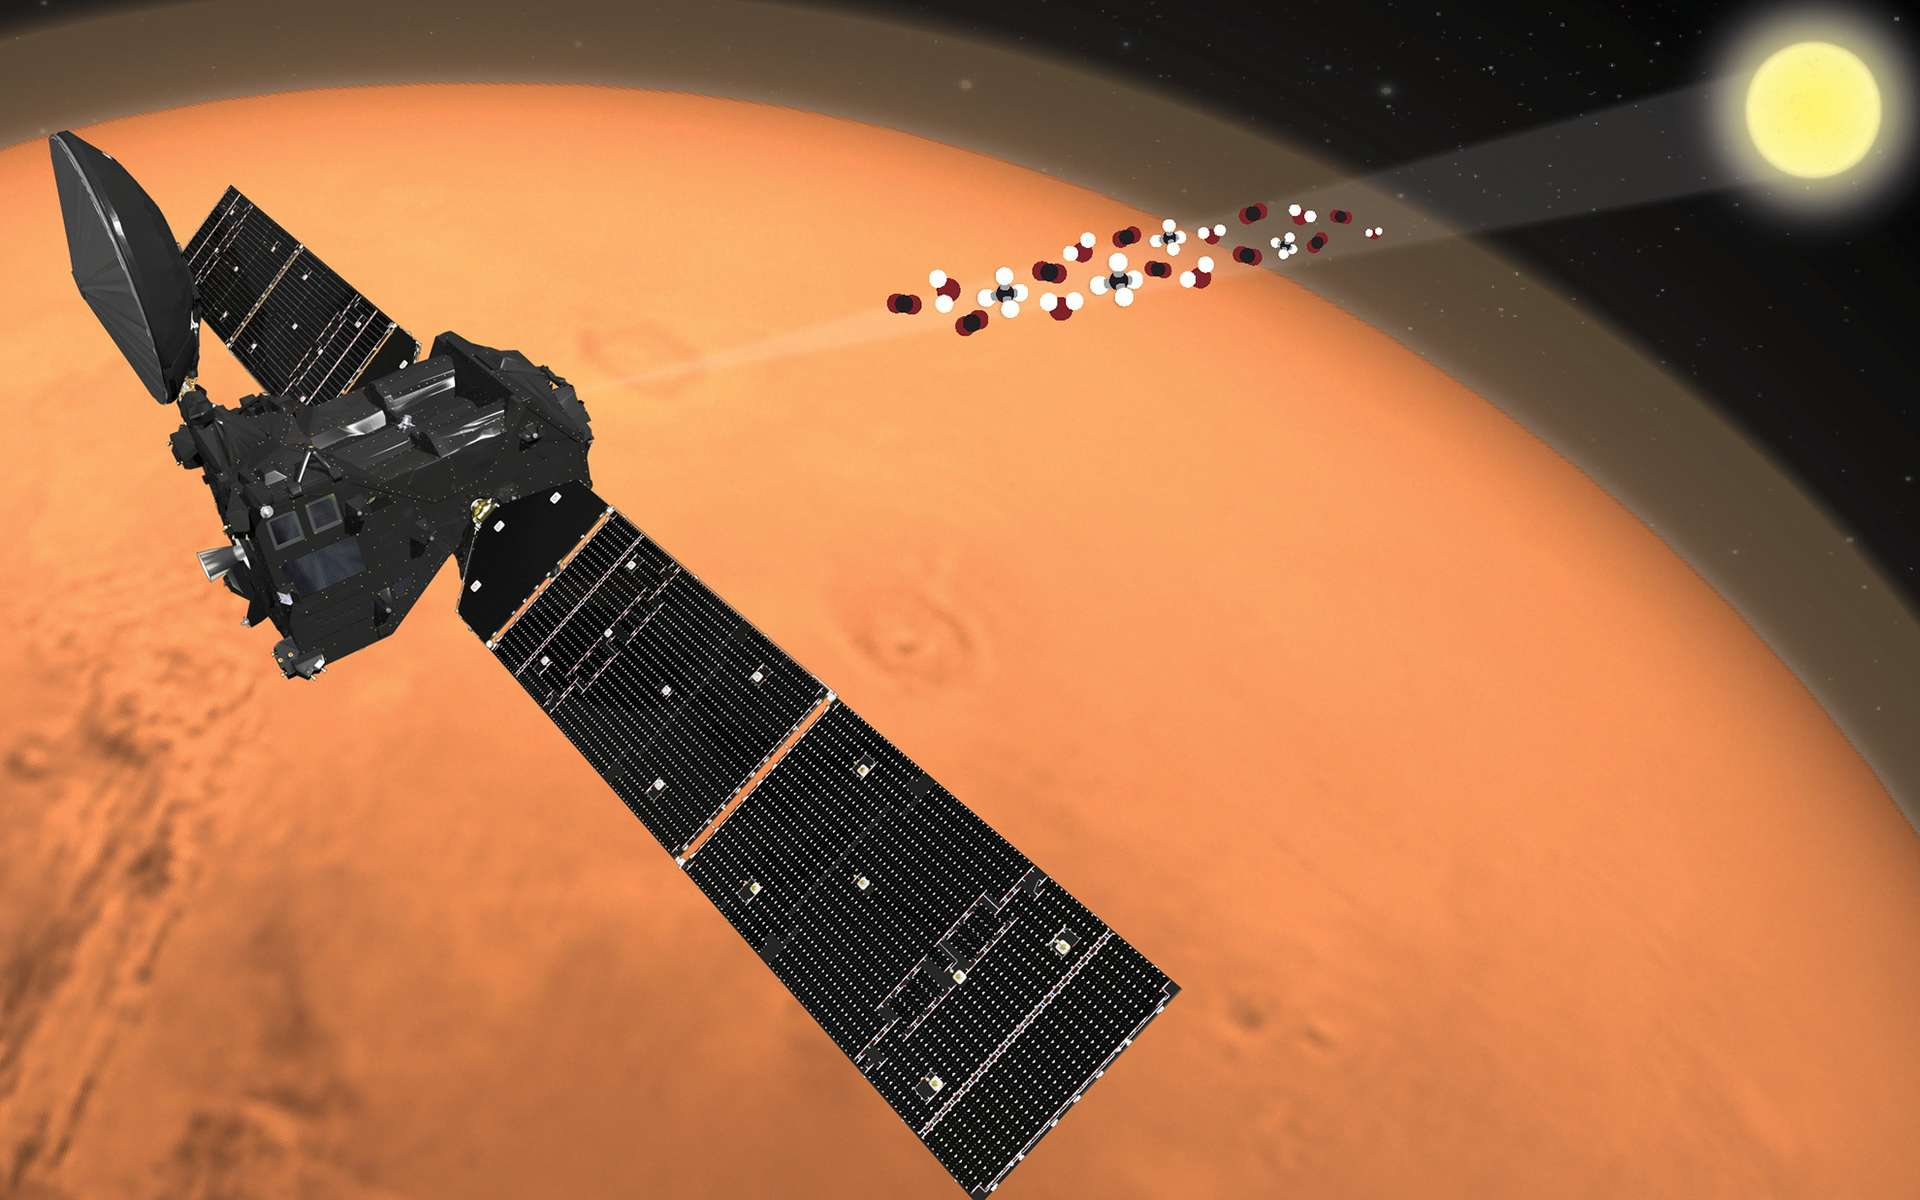 Vue d'artiste de la sonde européenne Trace Gas Orbiter, qui est arrivée en 2016 autour de la Planète rouge. © ESA